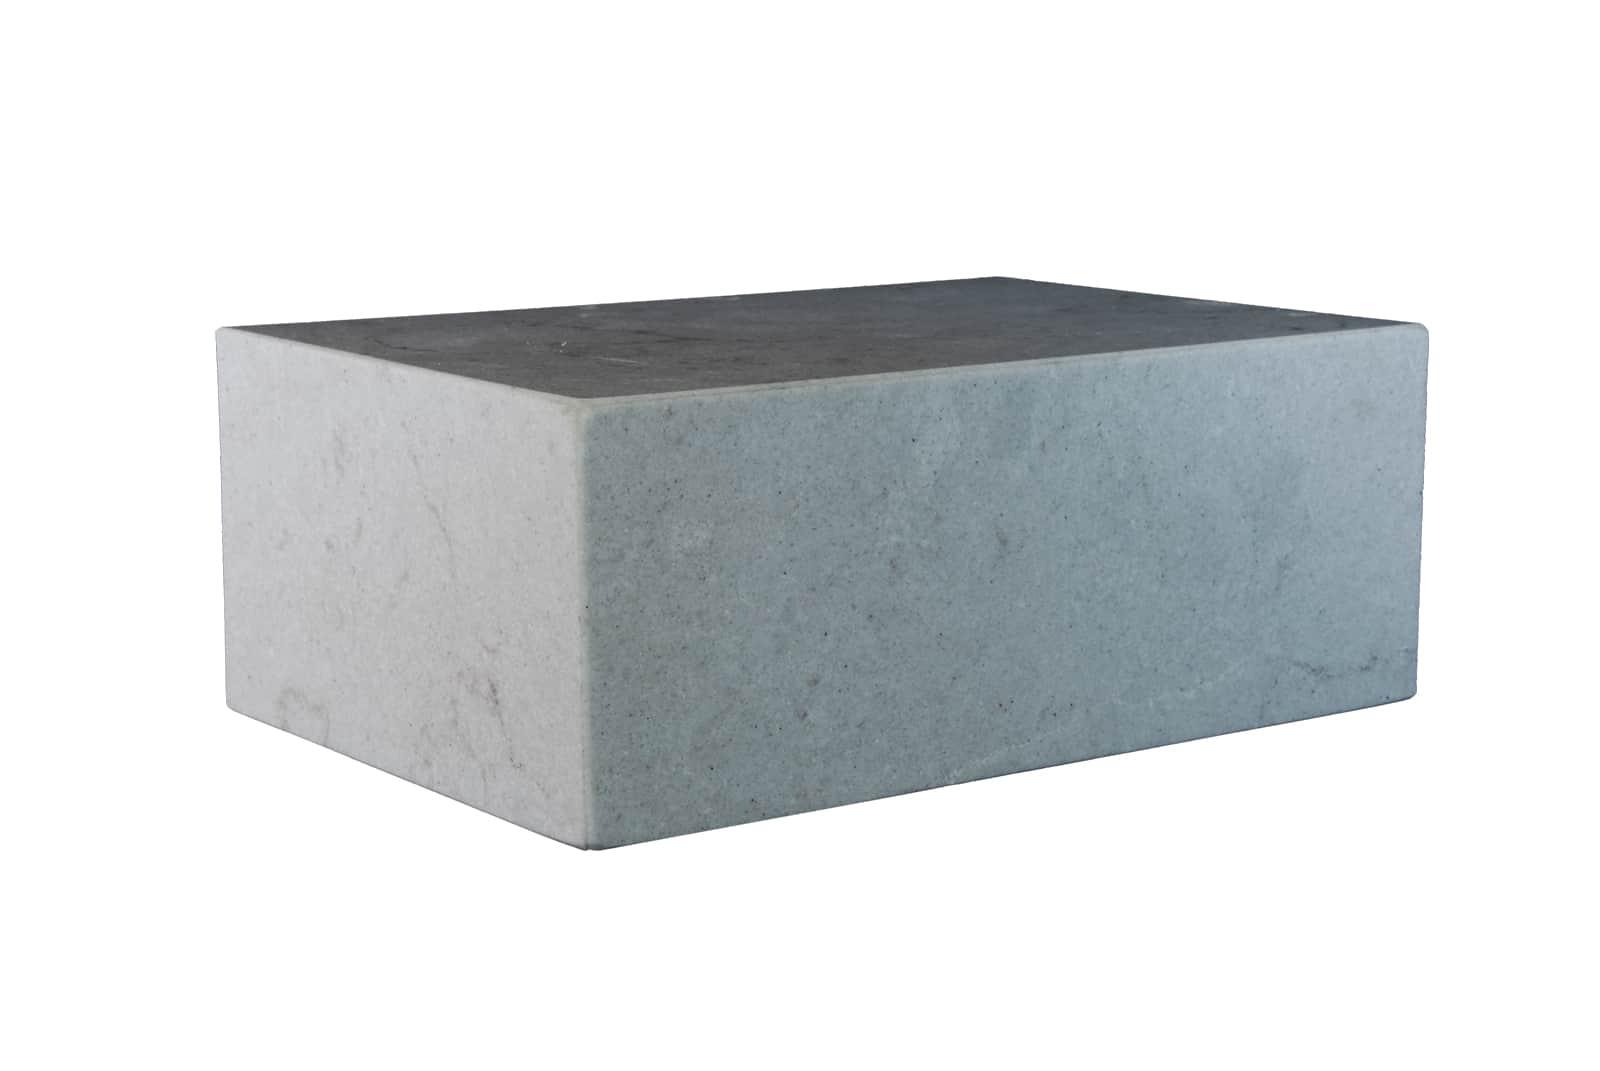 artistic-granite-designs-edges-fabrications-mitered-edge-6083